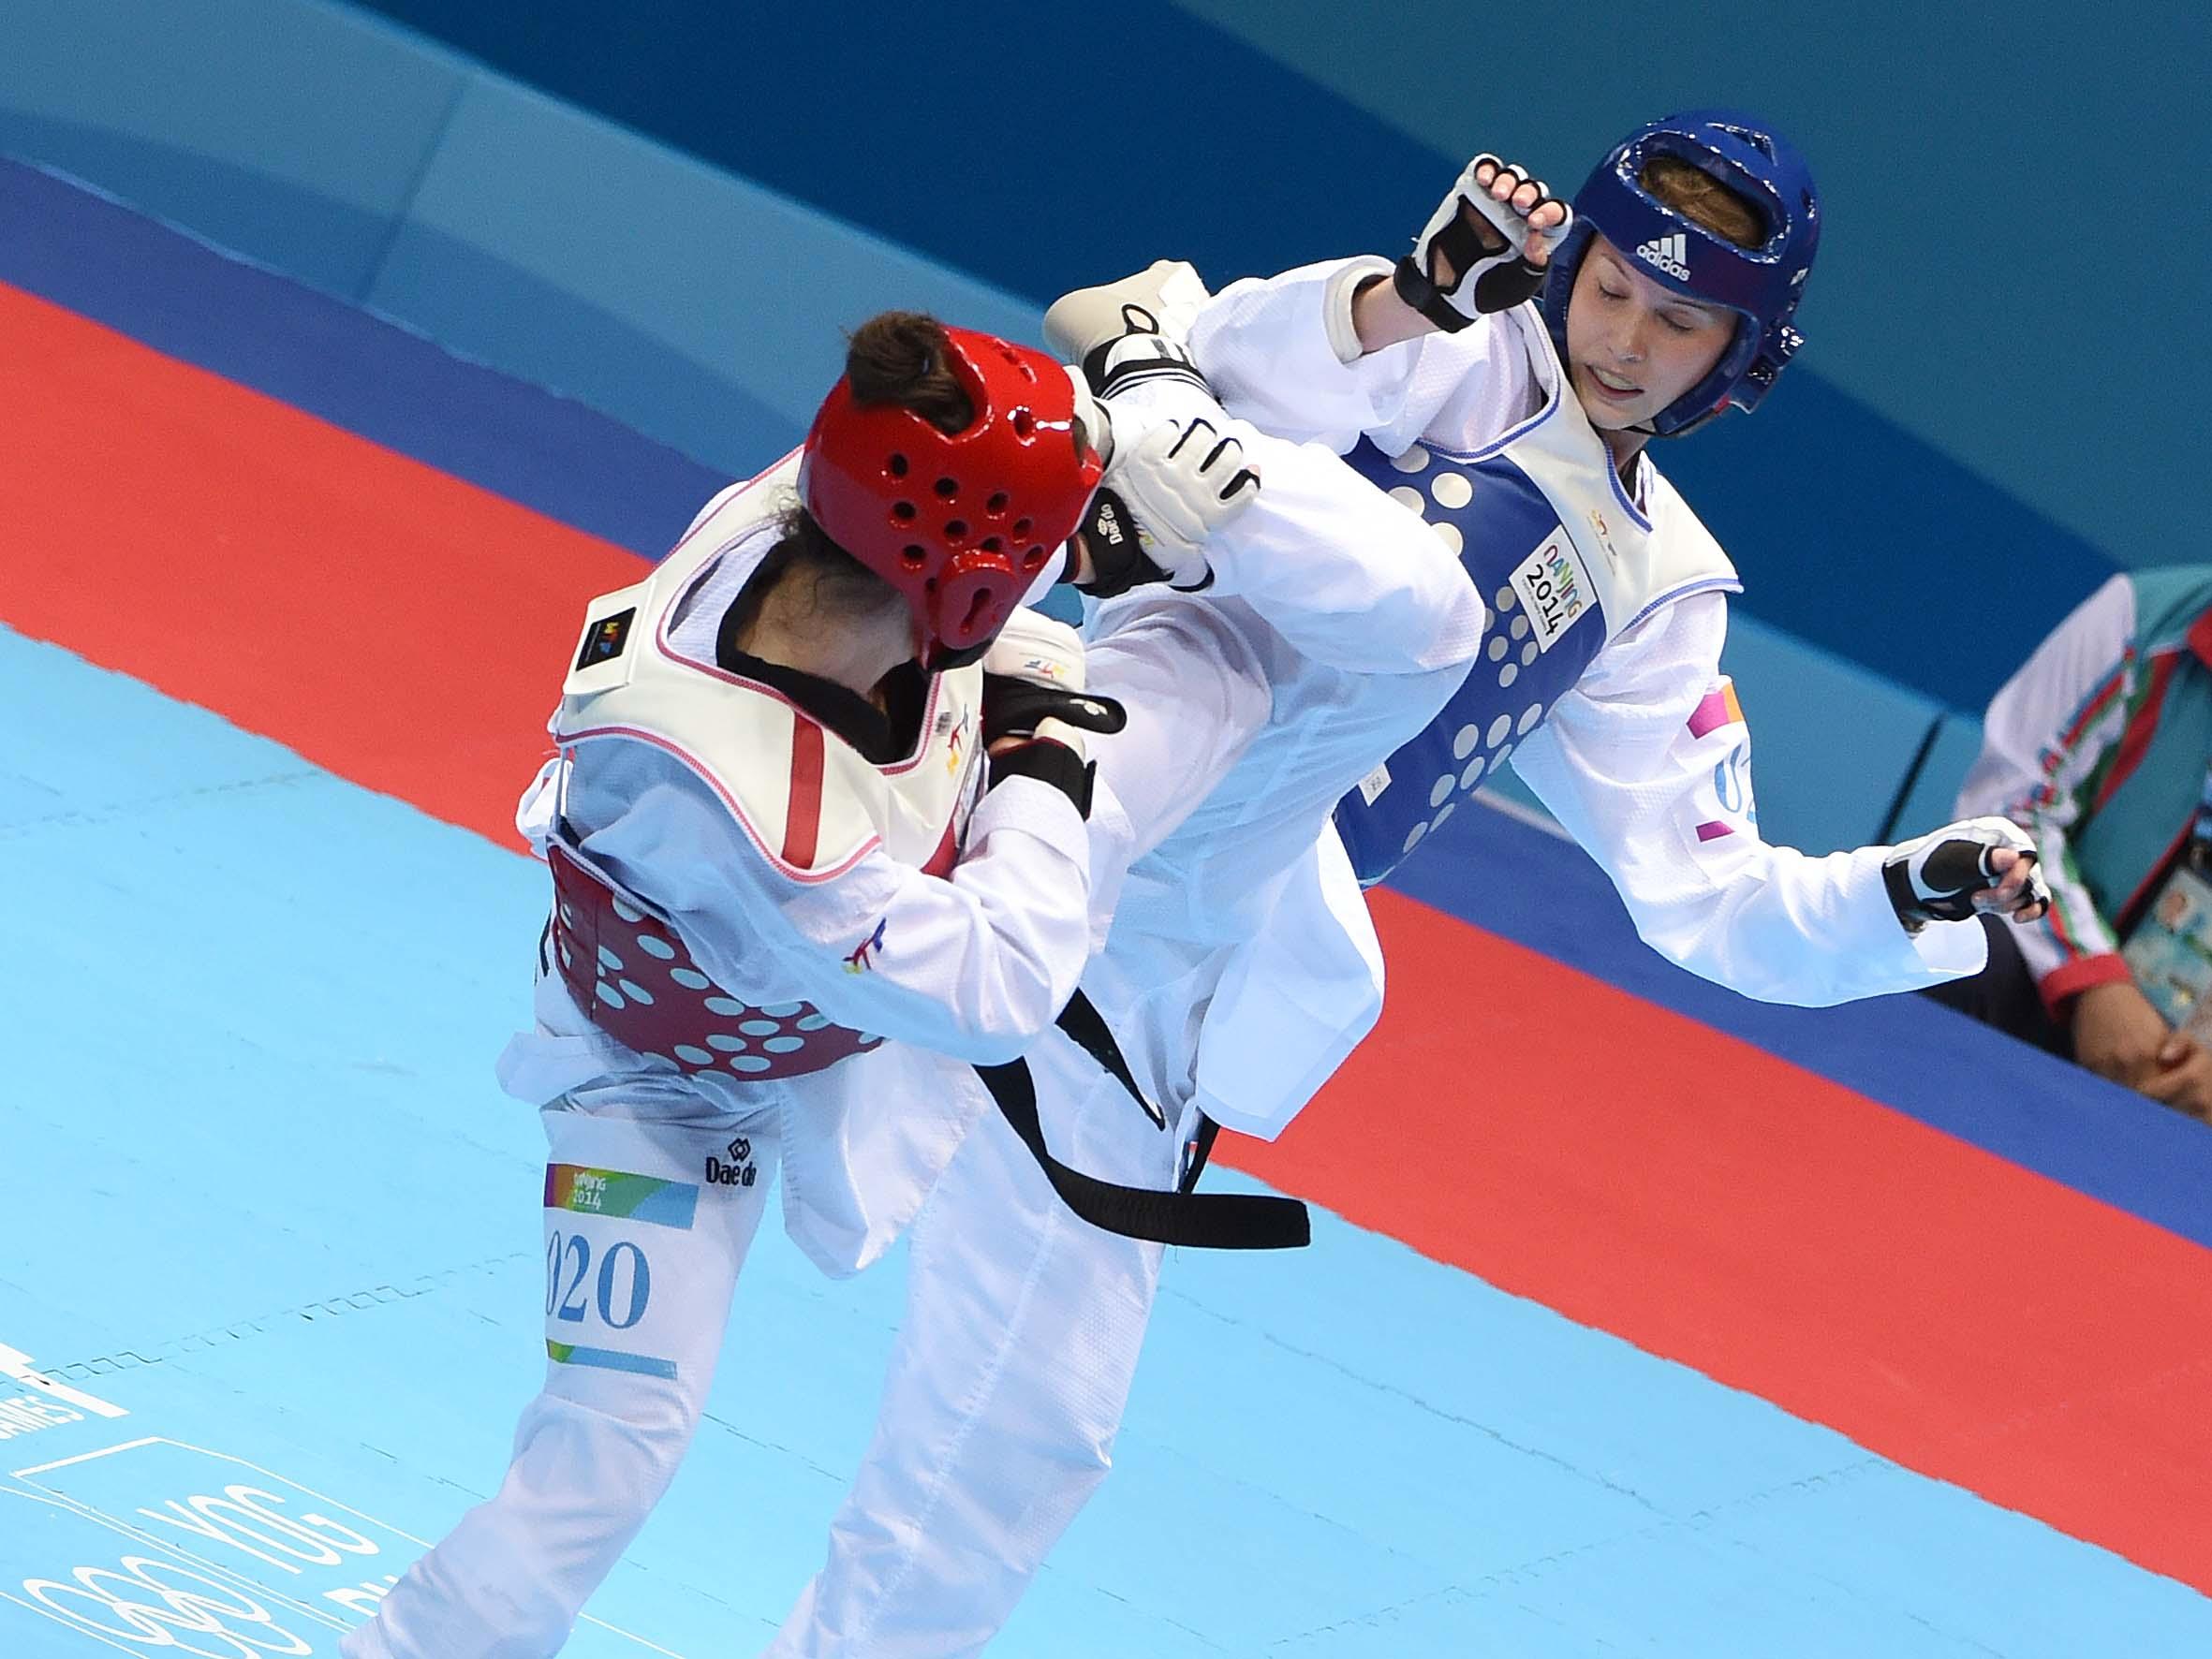 Taekwondo-55 Kg Donne 07